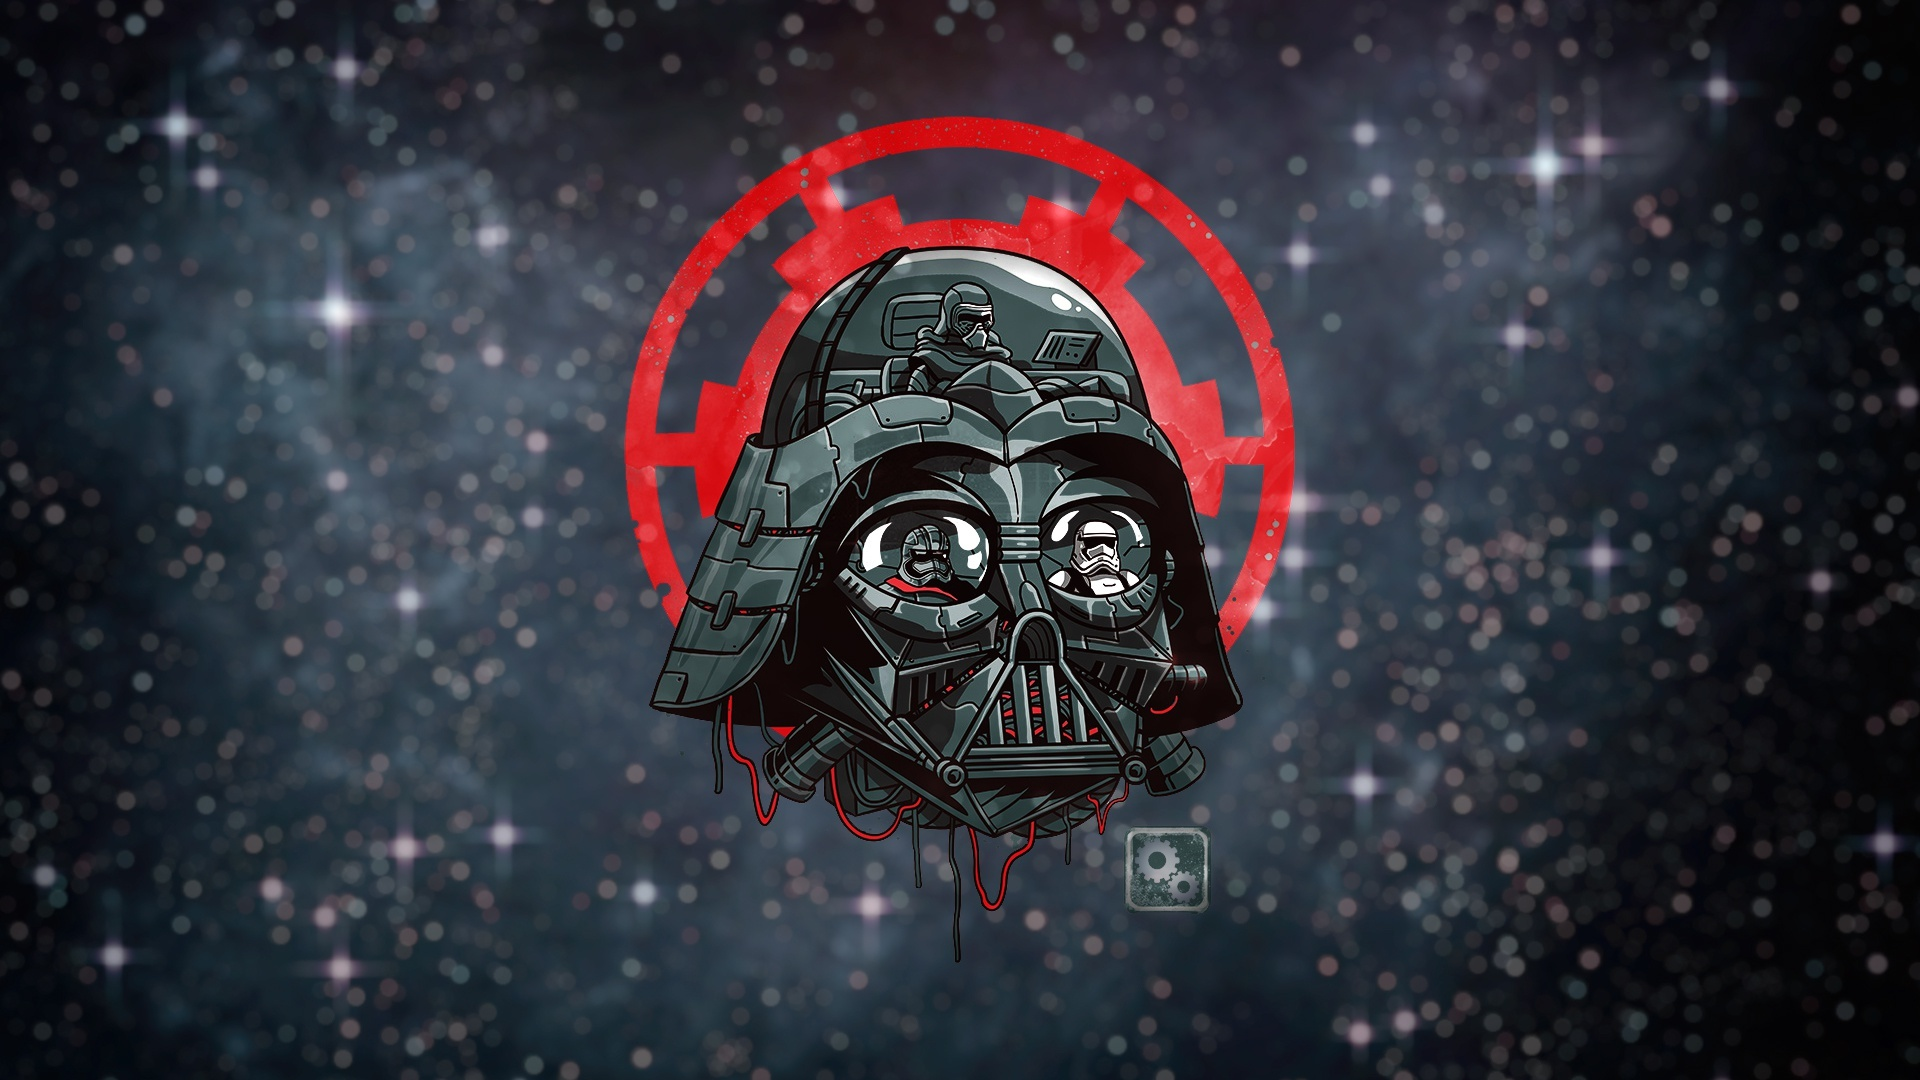 1920x1080 Artwork Darth Vader From Star Wars 1080p Laptop Full Hd